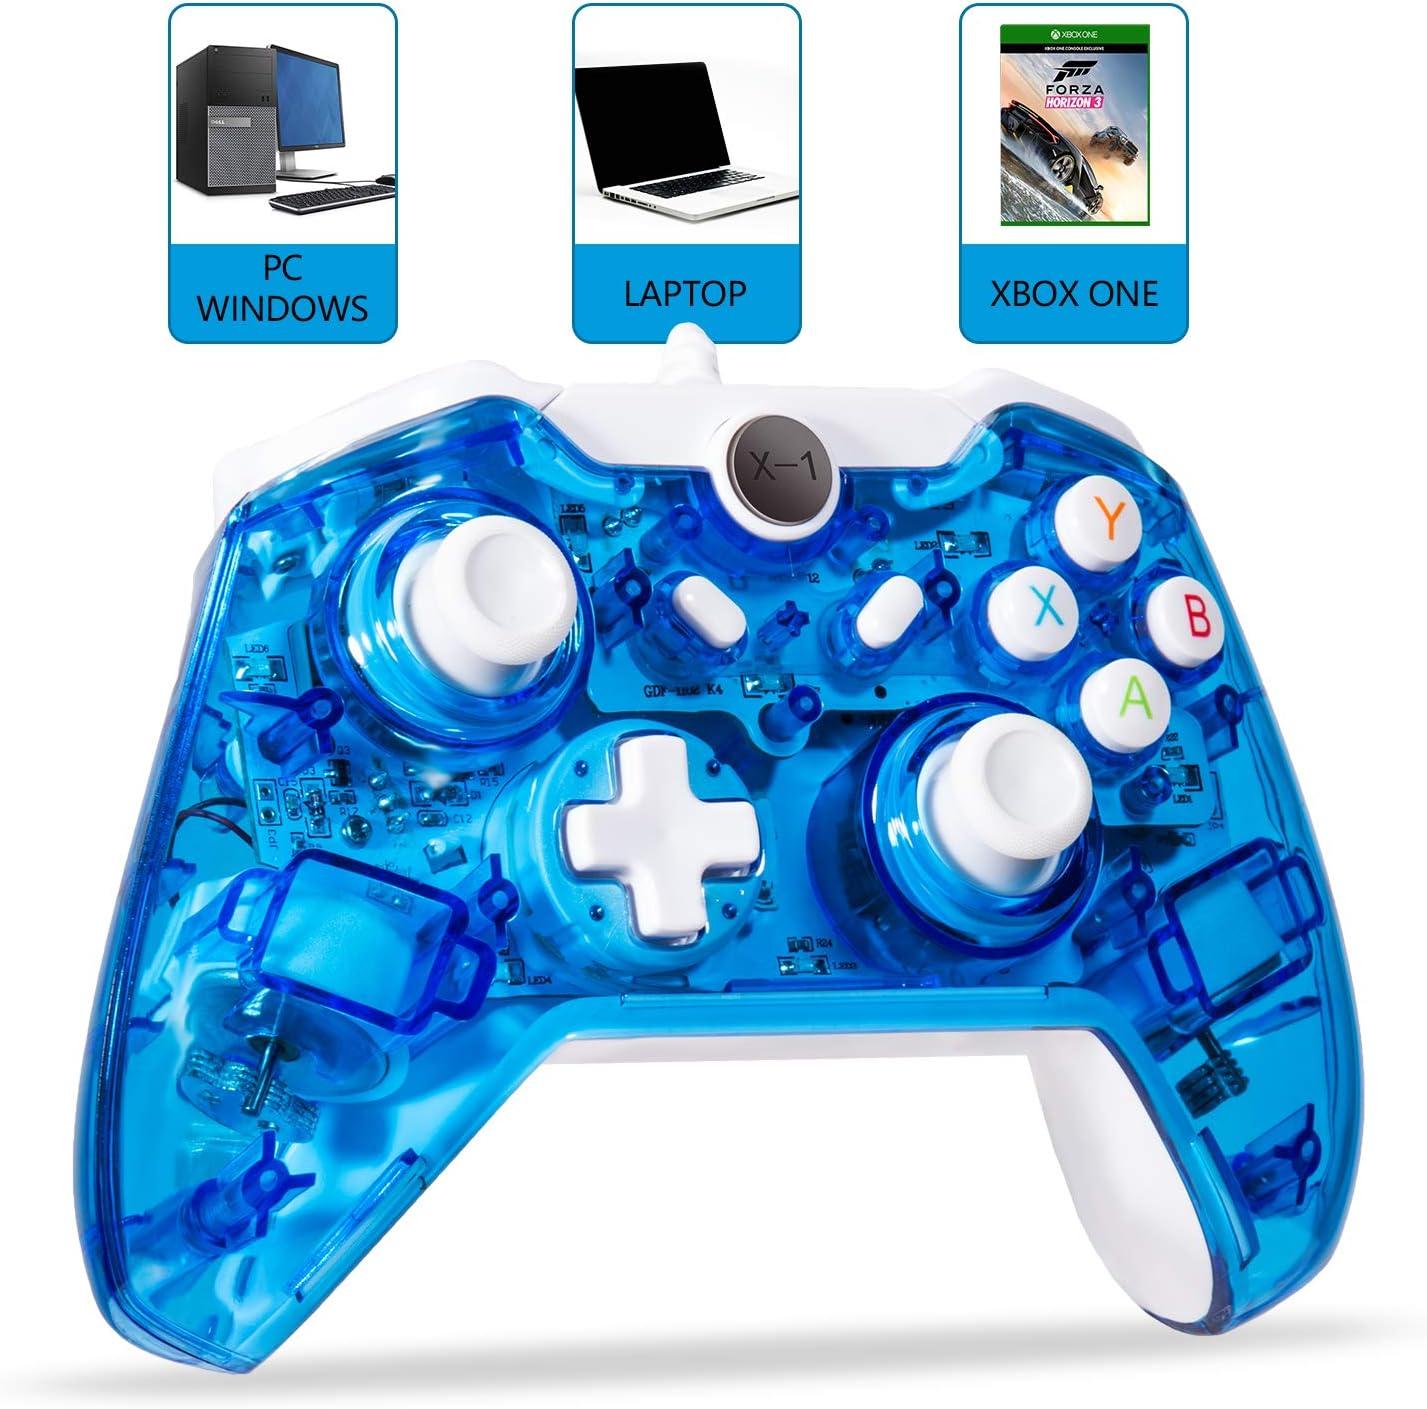 LUXMO - Palanca de Mando con Cable para Xbox One/One S y PC Windows USB Plug and Play Gamepad con Doble vibración, Color Azul: Amazon.es: Electrónica